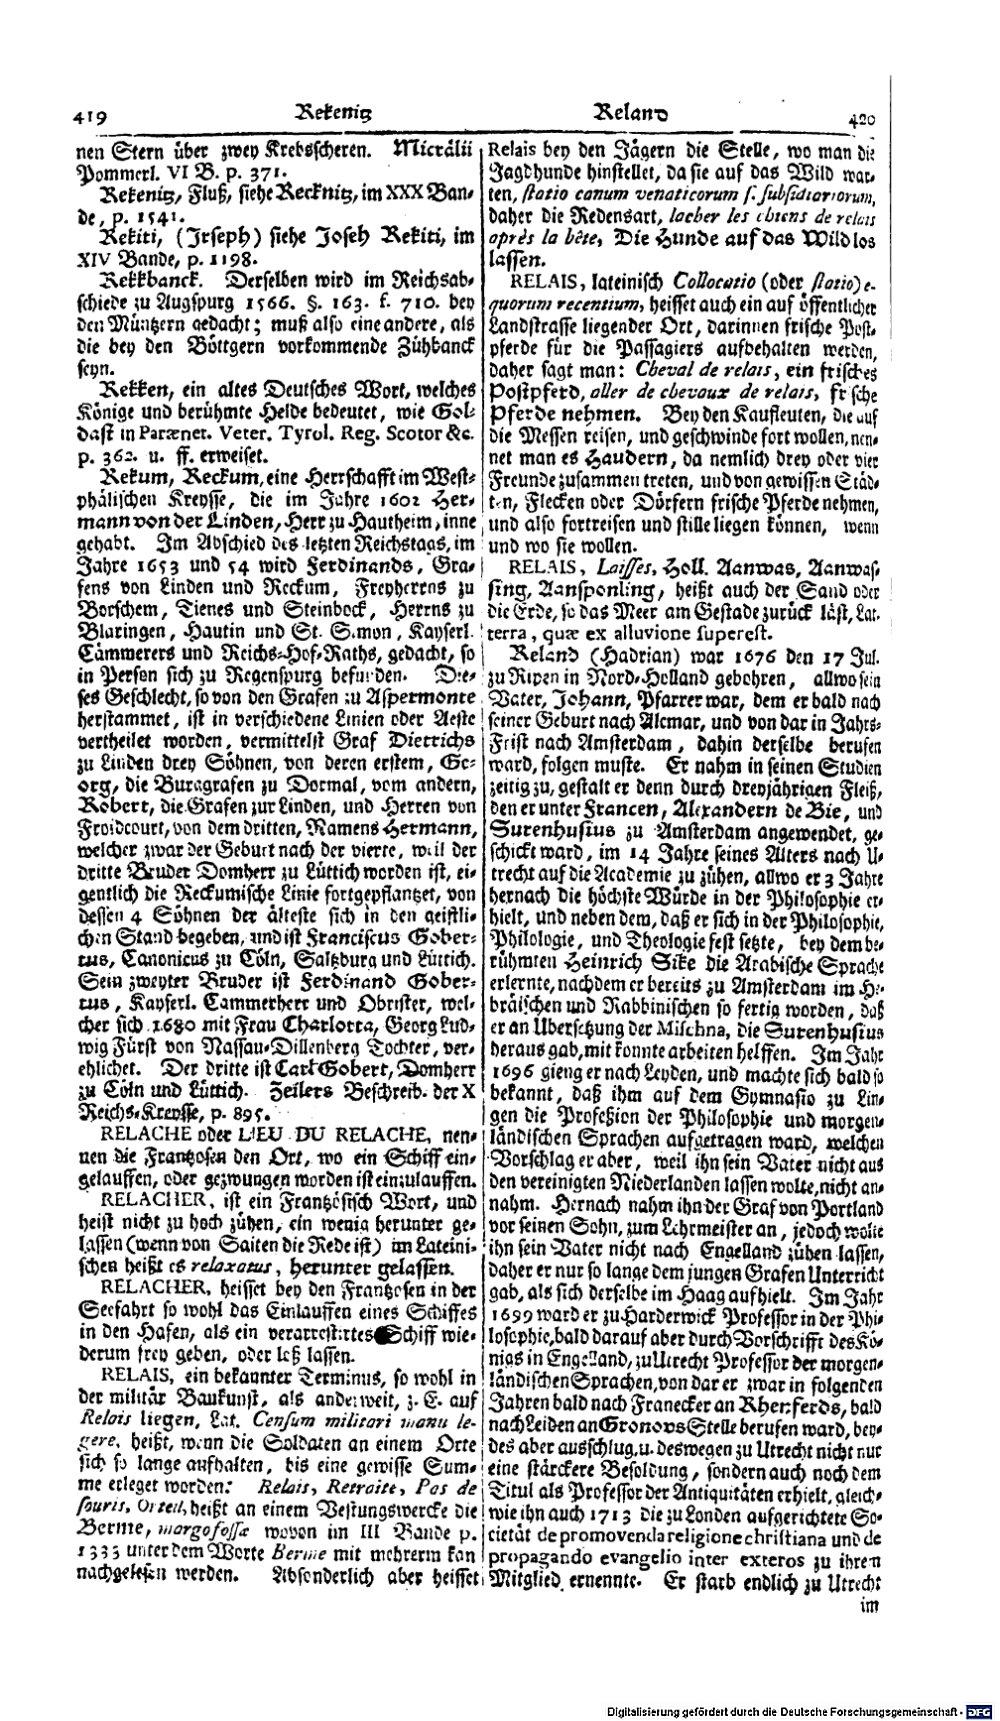 Bd. 31, Seite 0223.